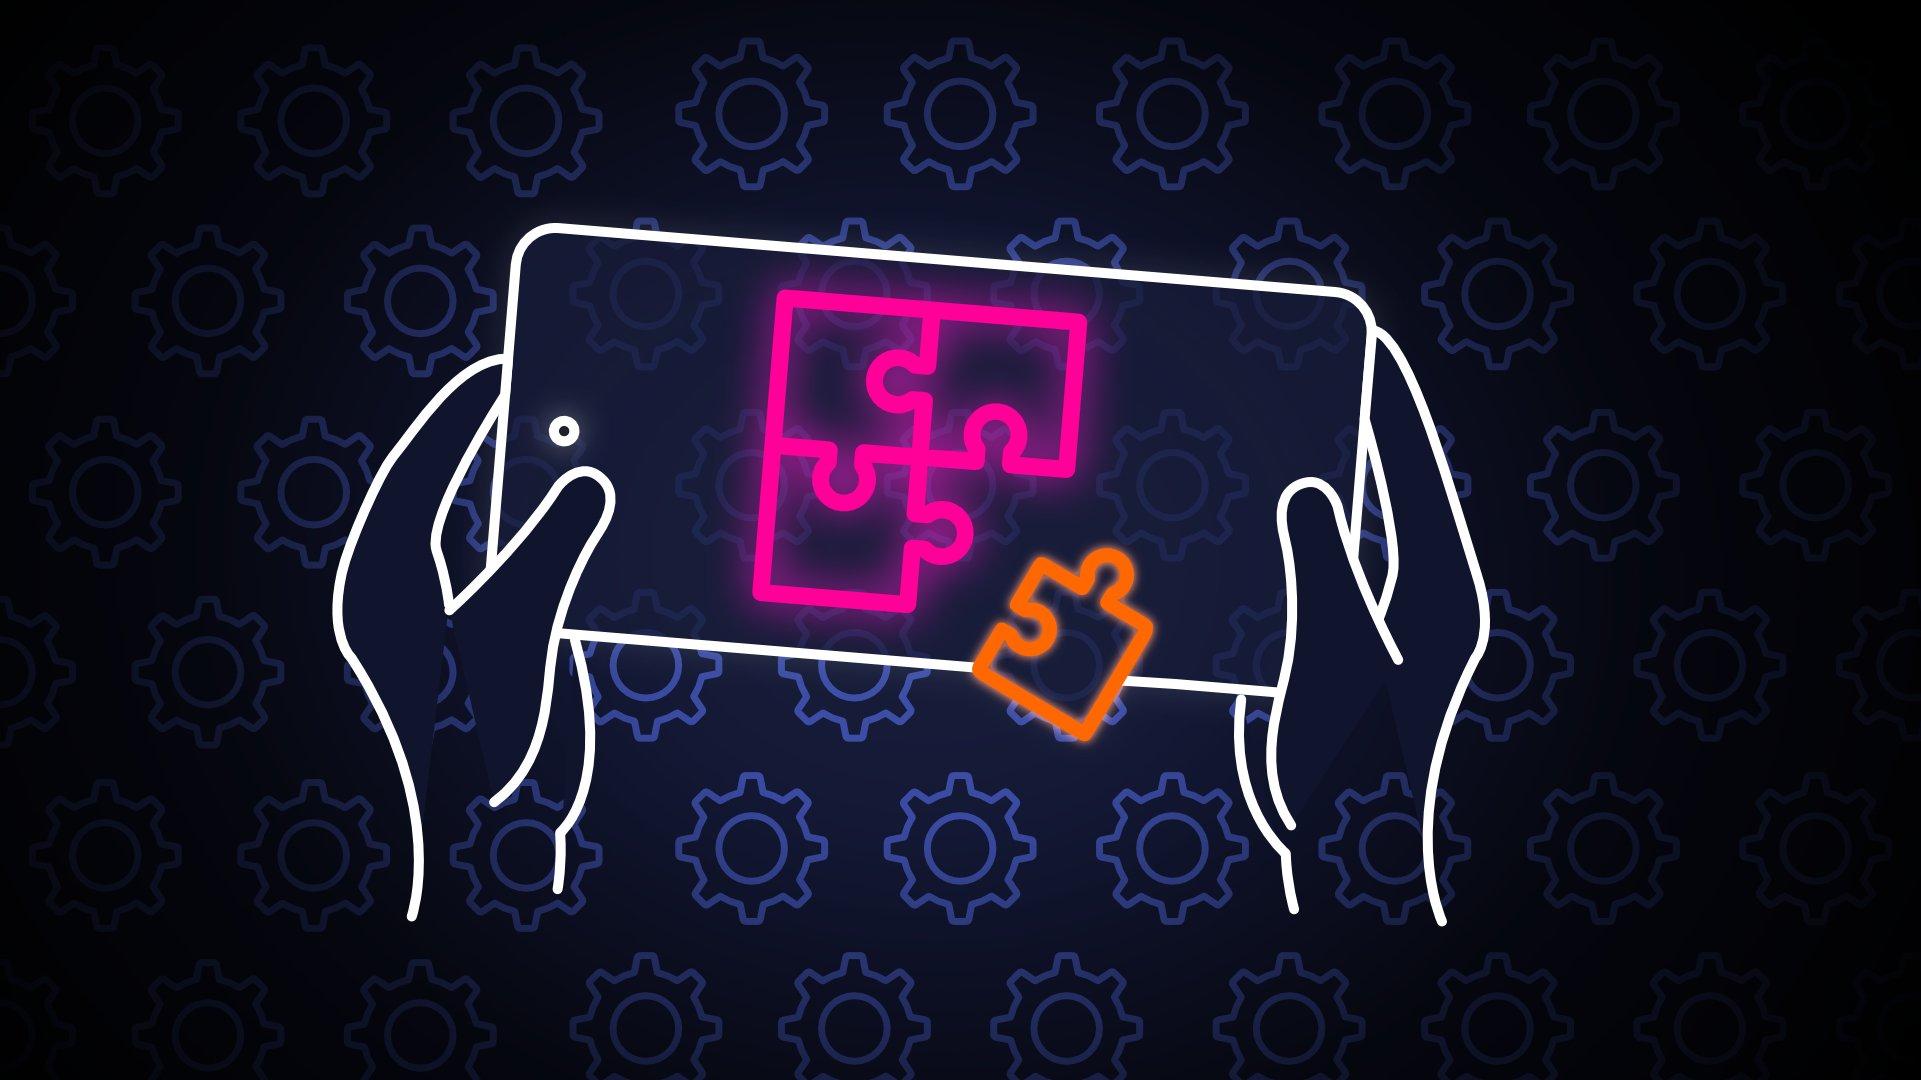 Les Meilleurs Jeux De Réflexion Gratuits Et Payants Sur Android tout Jeux De Puzzle Pour Enfan Gratuit